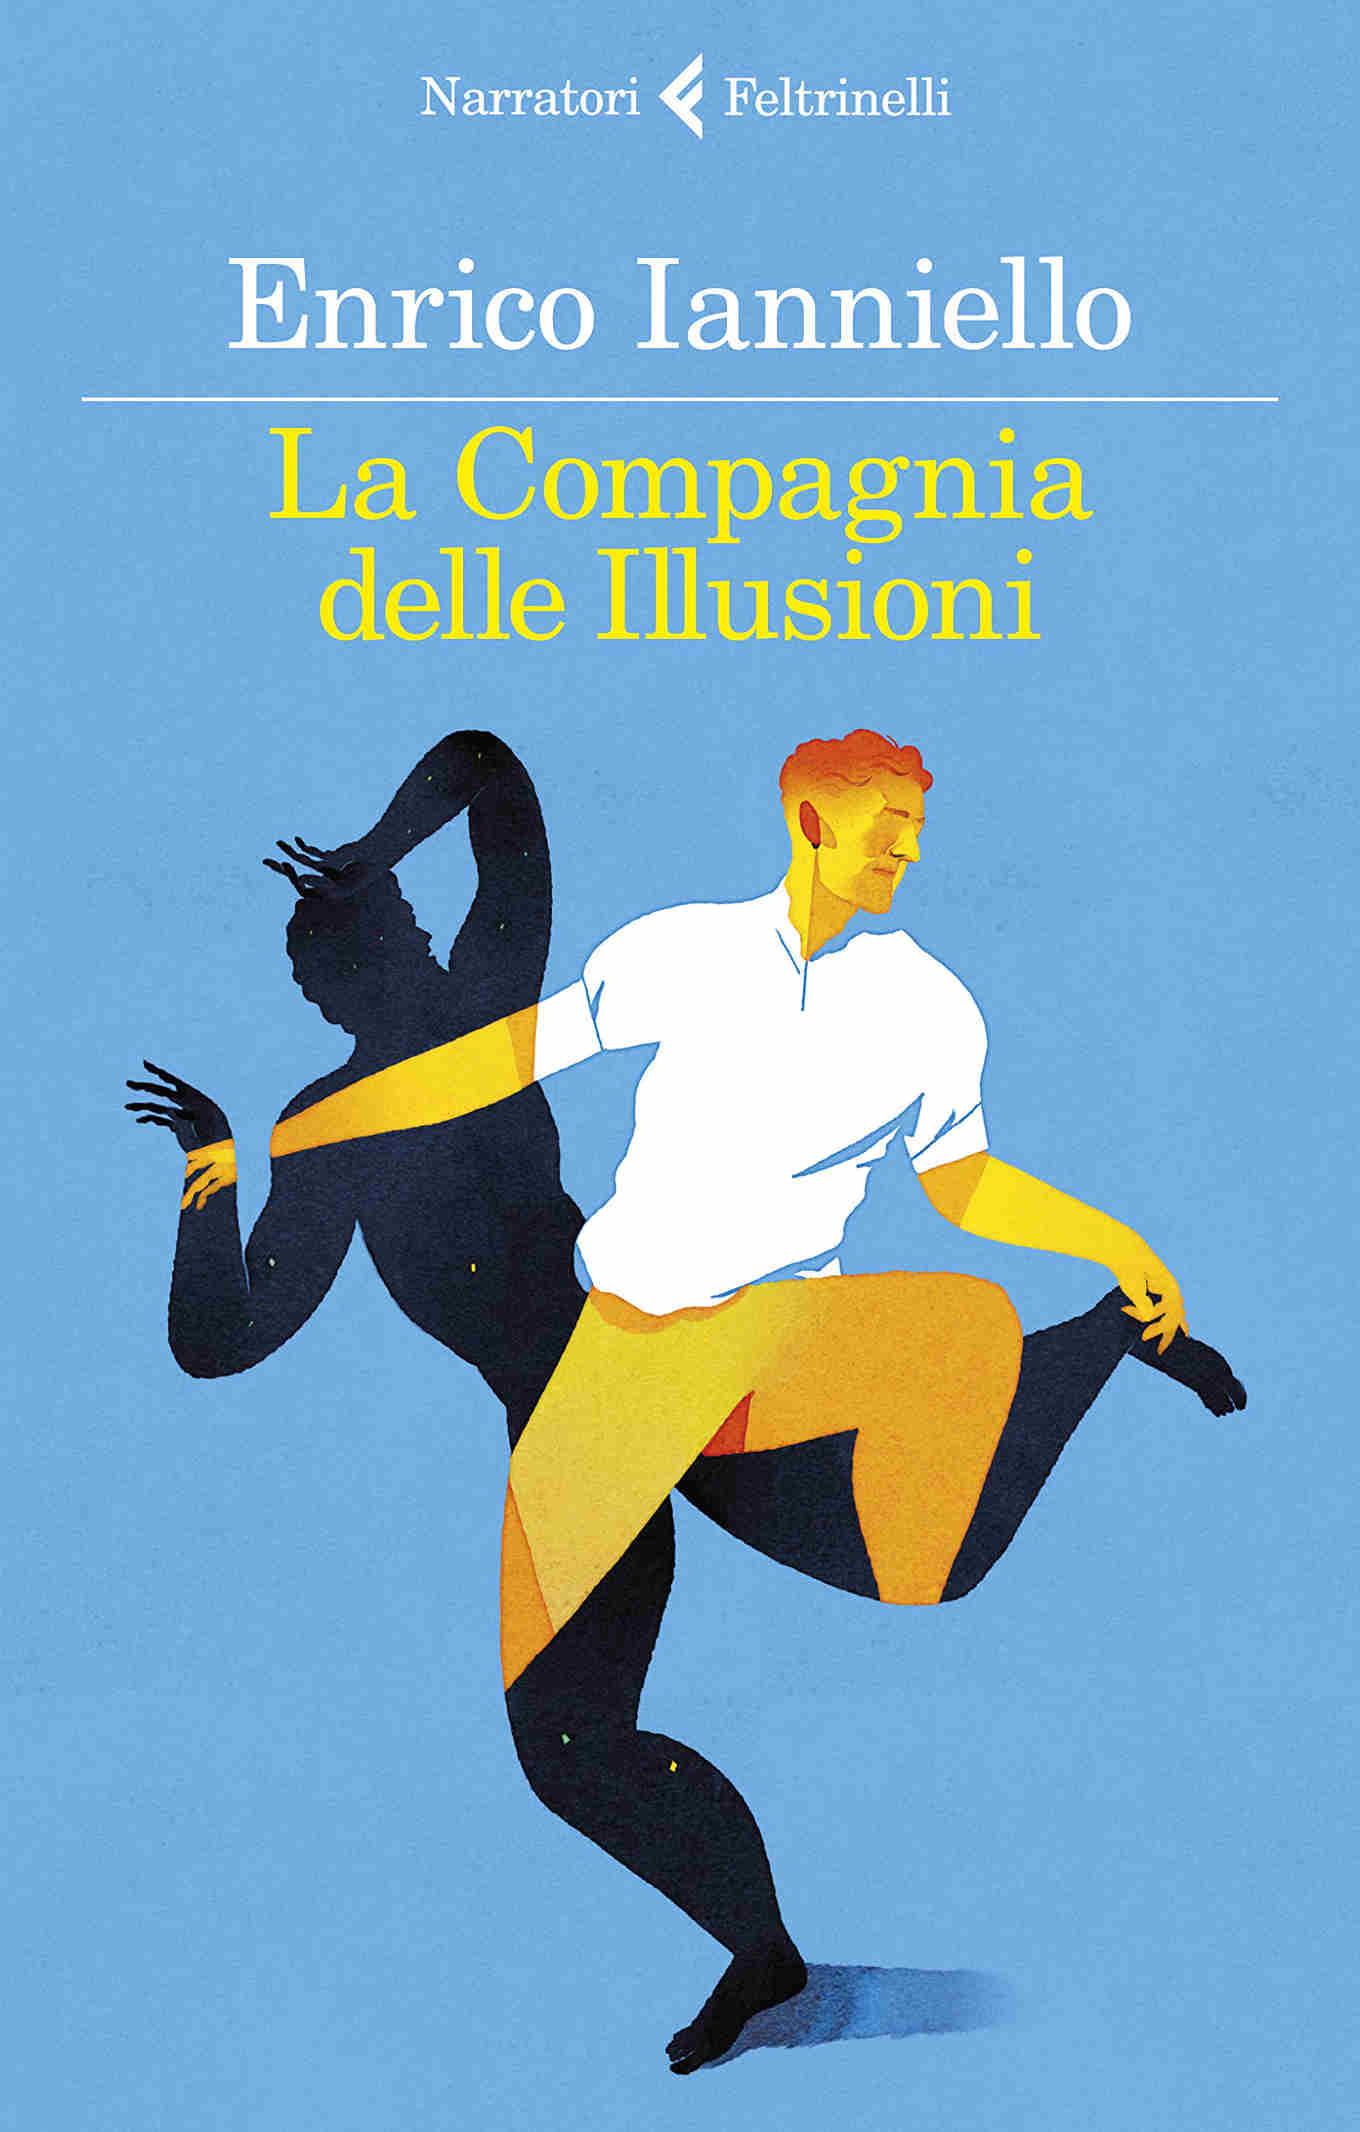 La Compagnia delle illusioni (2019). La vita è un lenzuolo bianco, il film che vuoi proiettare lo decidi tu – Recensione del libro